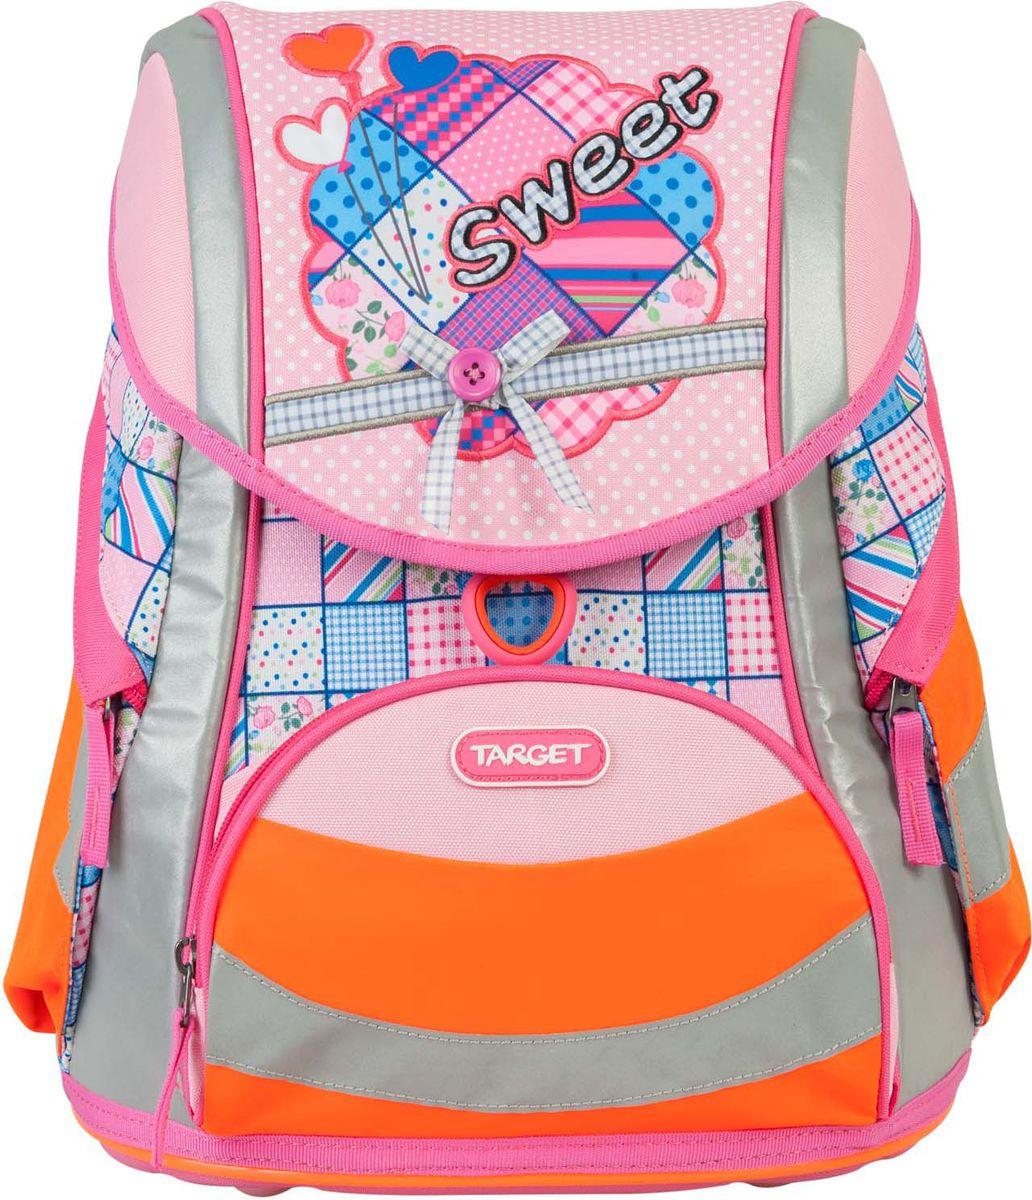 23c6438994e6 Target Ранец школьный Sweet Bow цвет розовый — купить в интернет-магазине  OZON.ru с быстрой доставкой